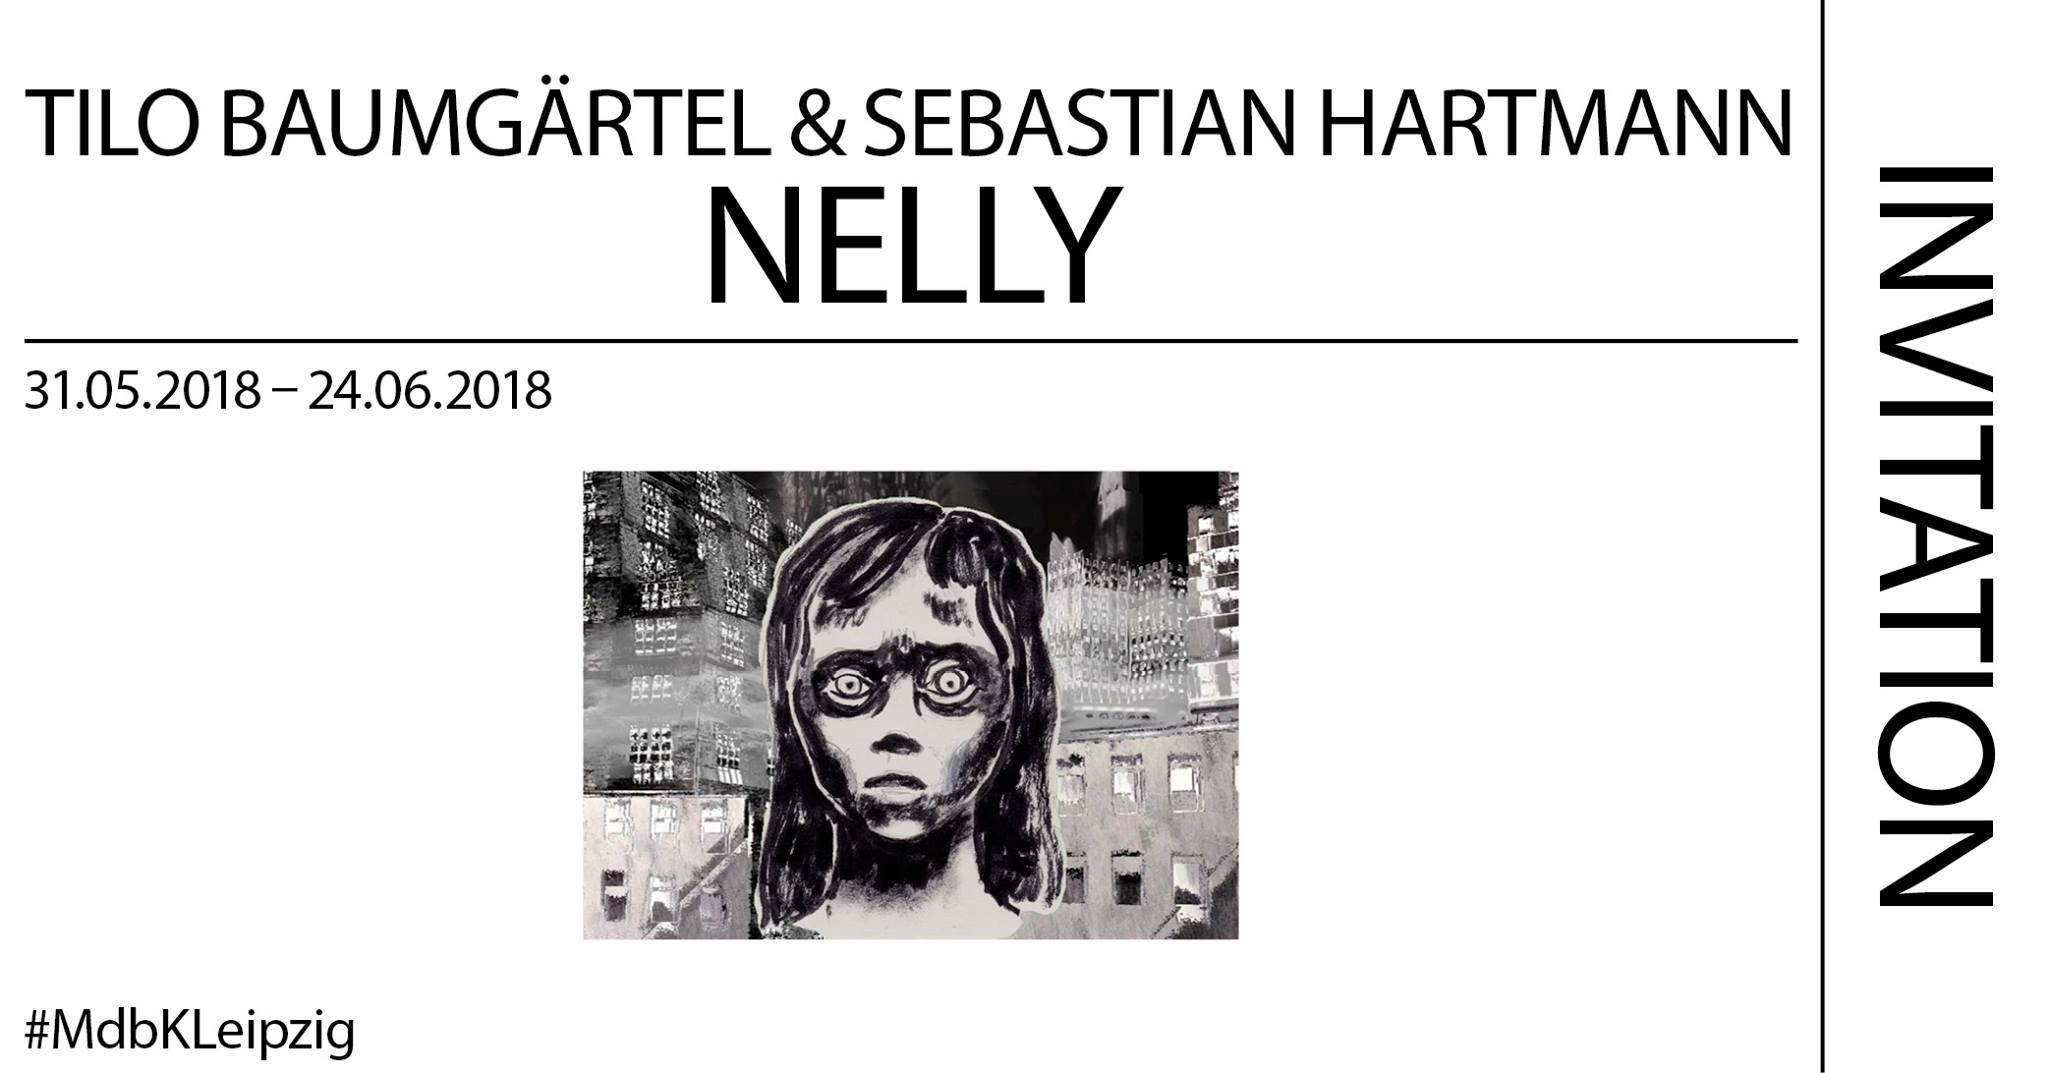 Nelly - Ausstellung im mdbk Leipzig